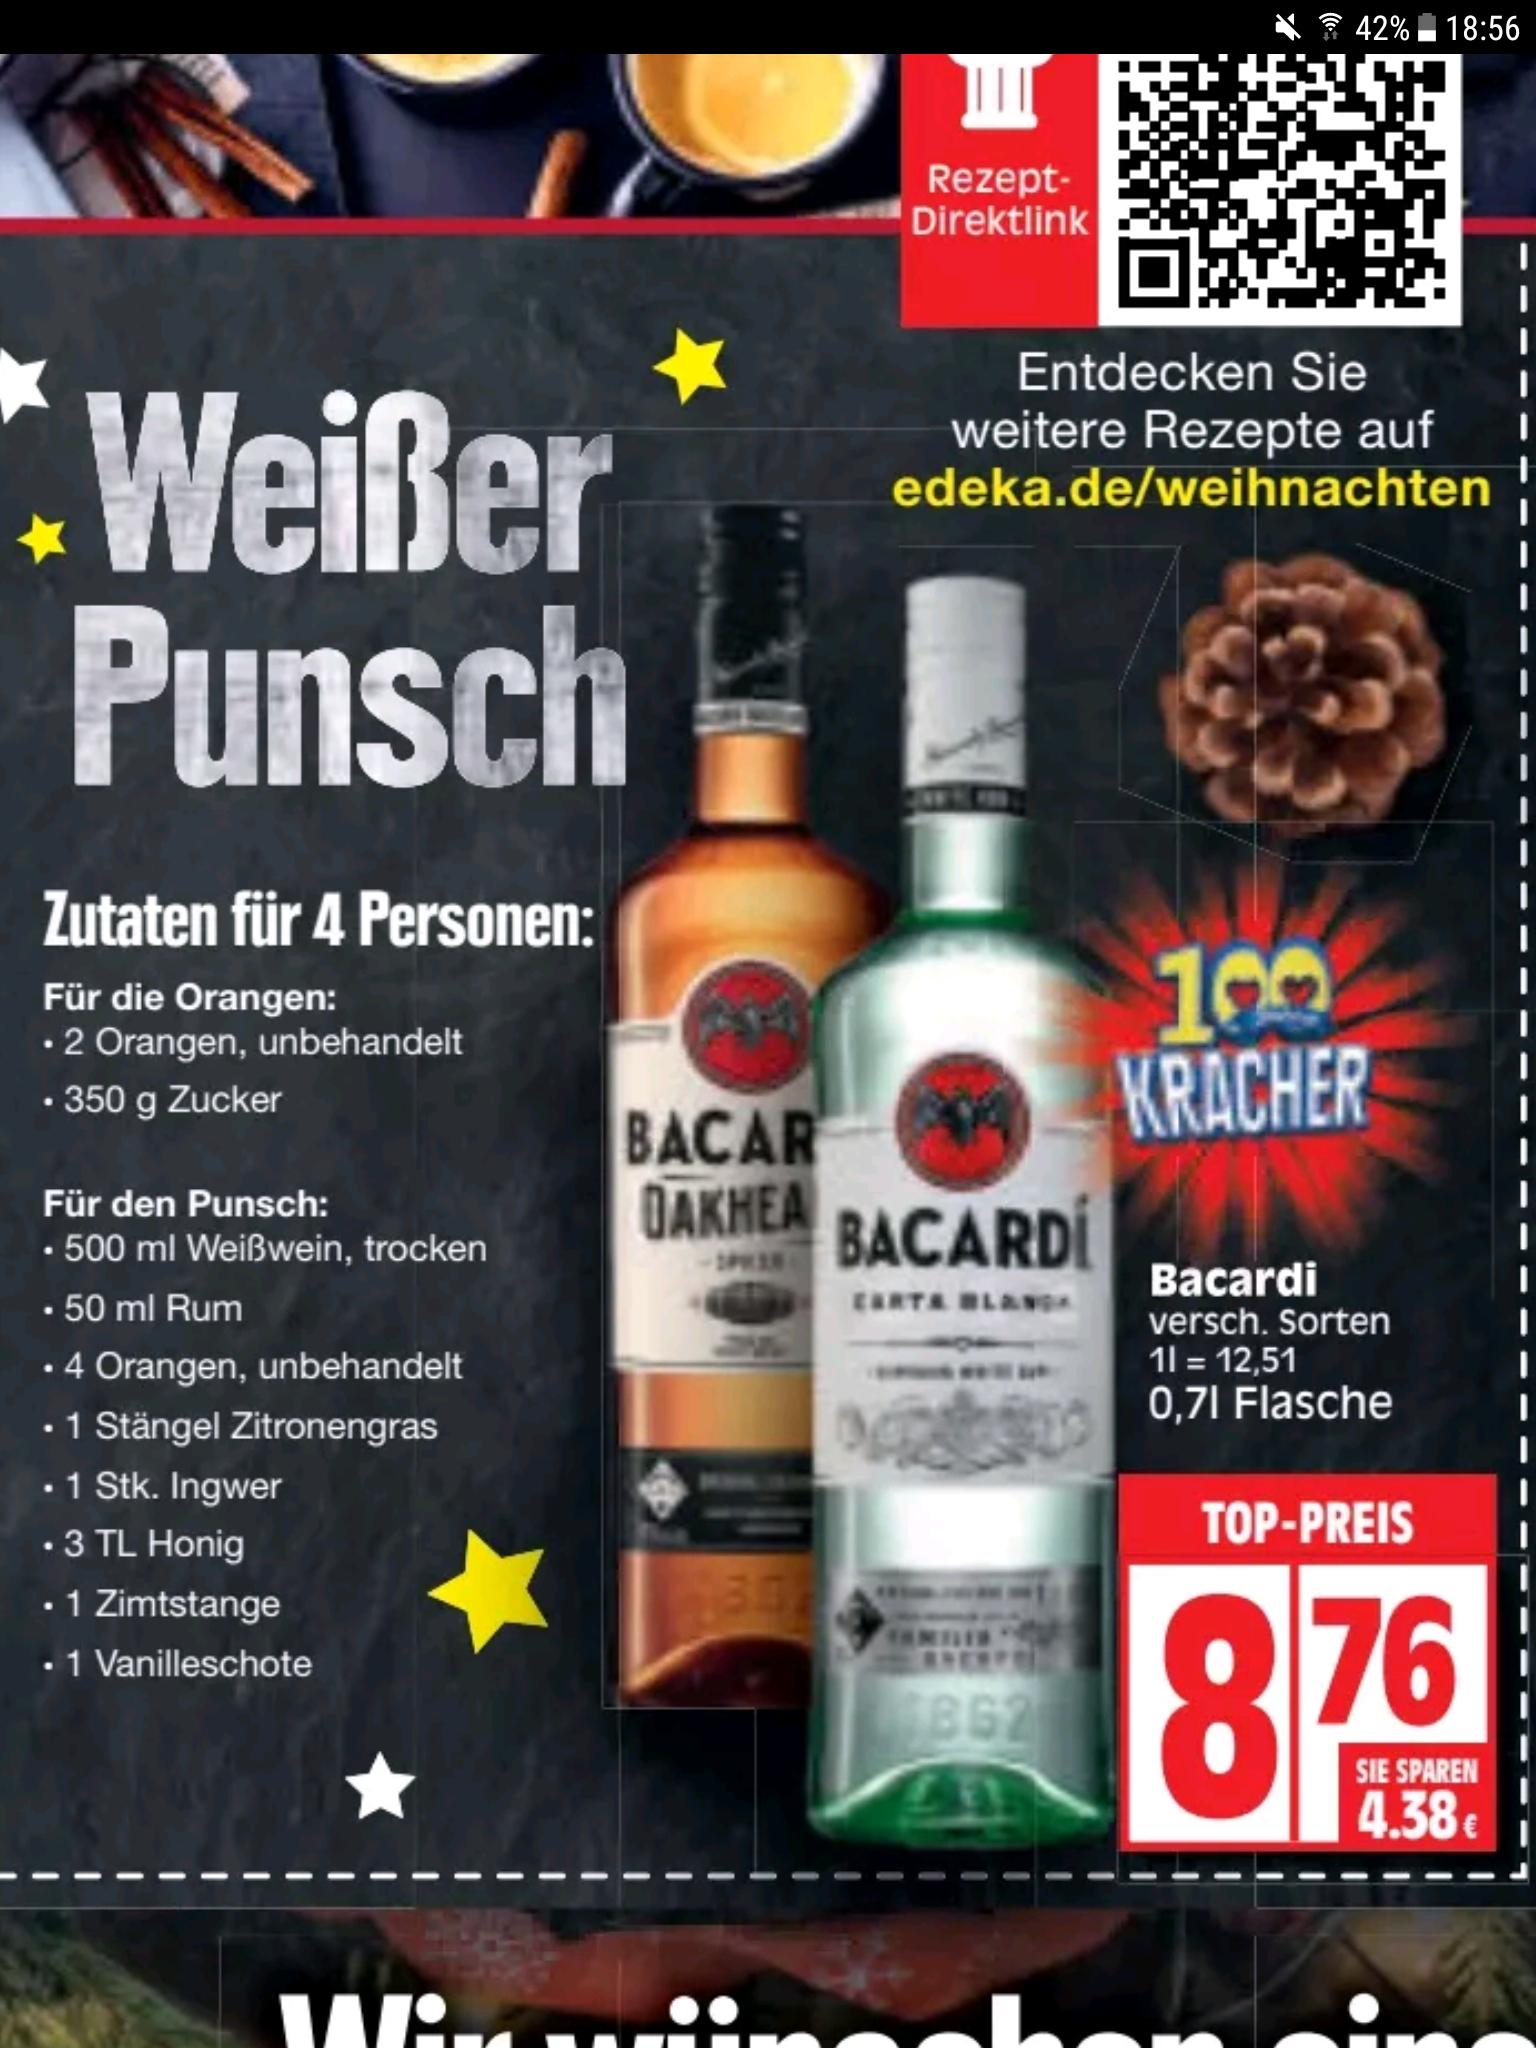 Edeka ( Berlin ) Bacardi und Oakheart 0,7l Flasche für nur 8,76